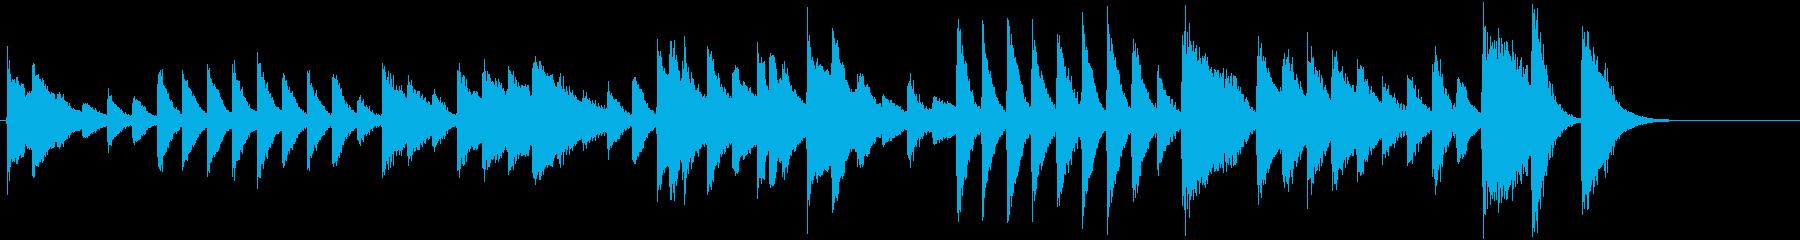 節分!鬼のパンツモチーフピアノジングルCの再生済みの波形